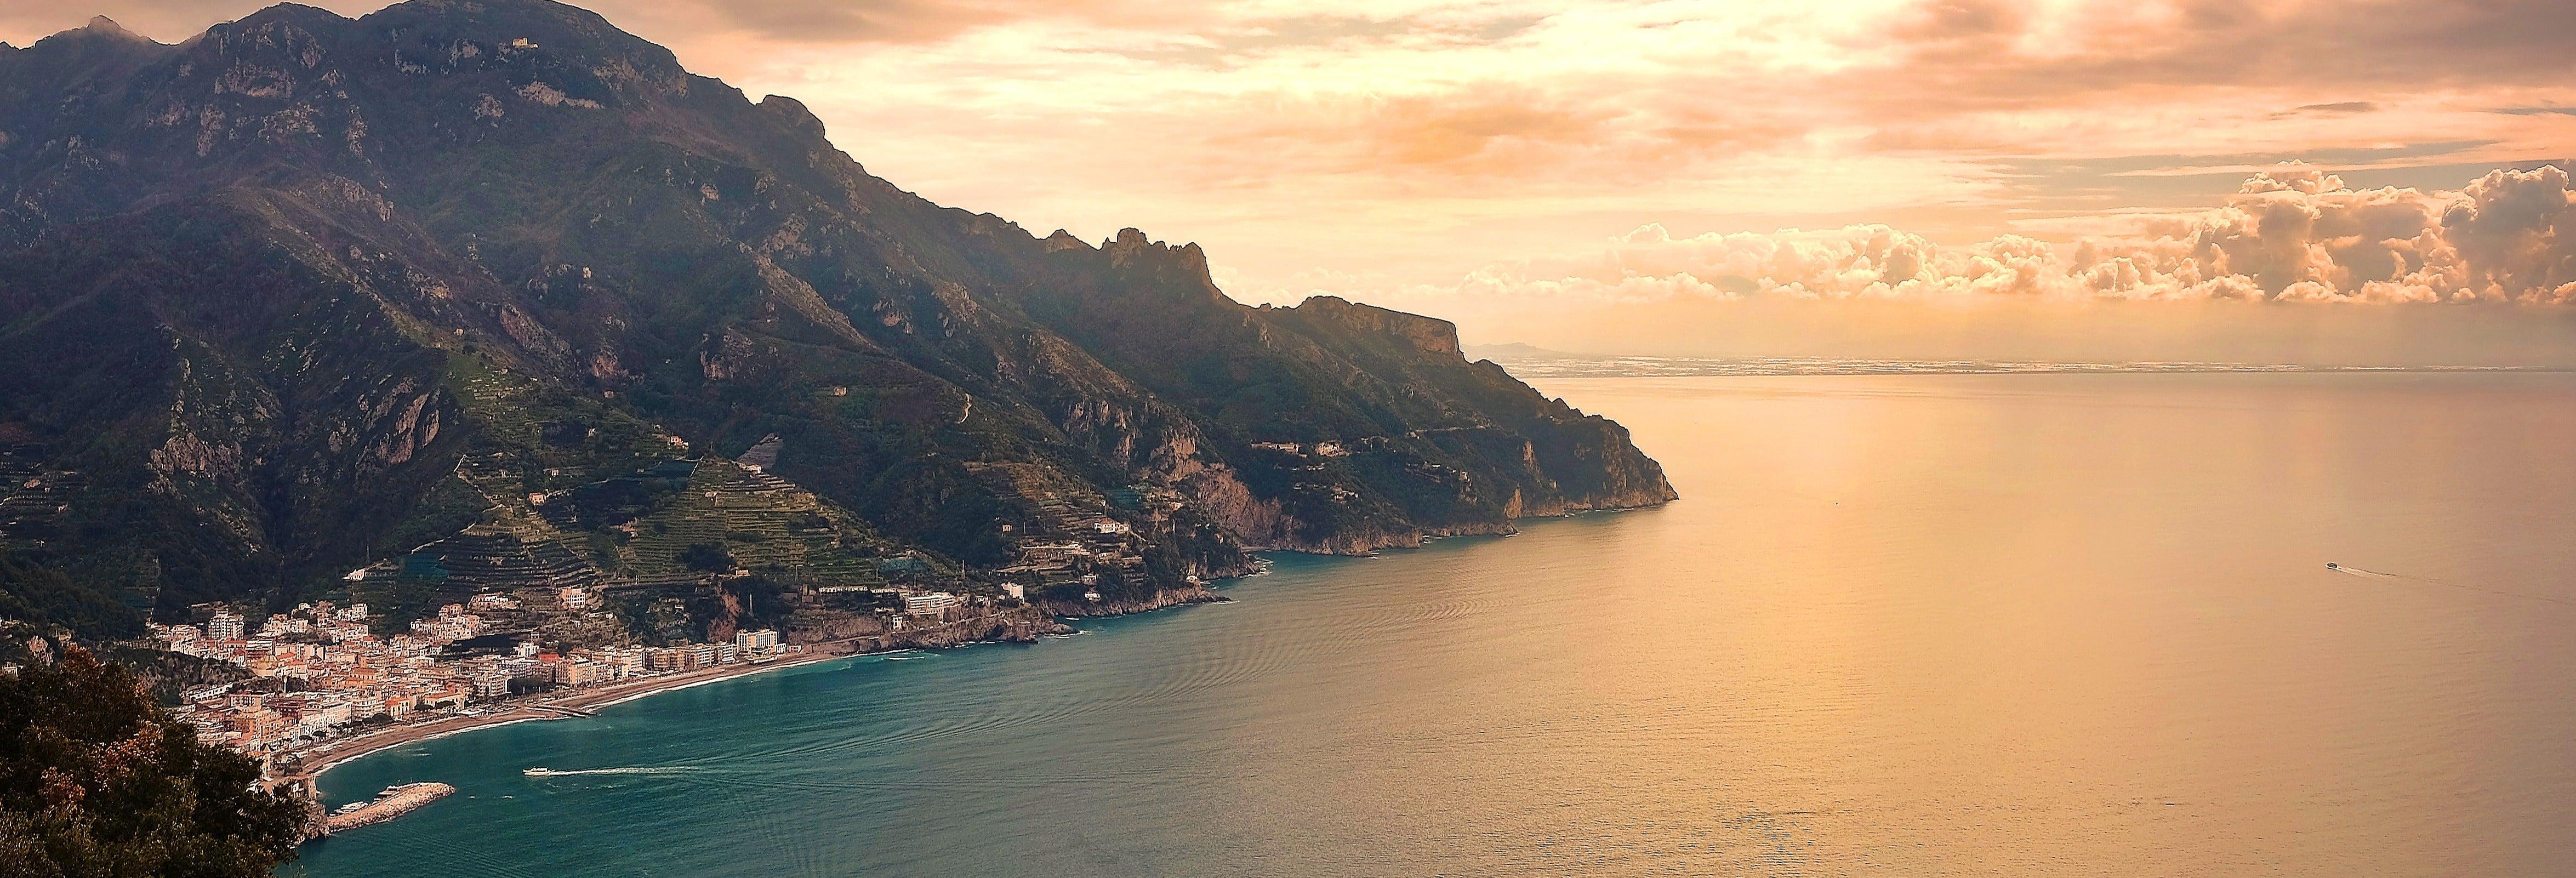 Excursión a Capri al atardecer